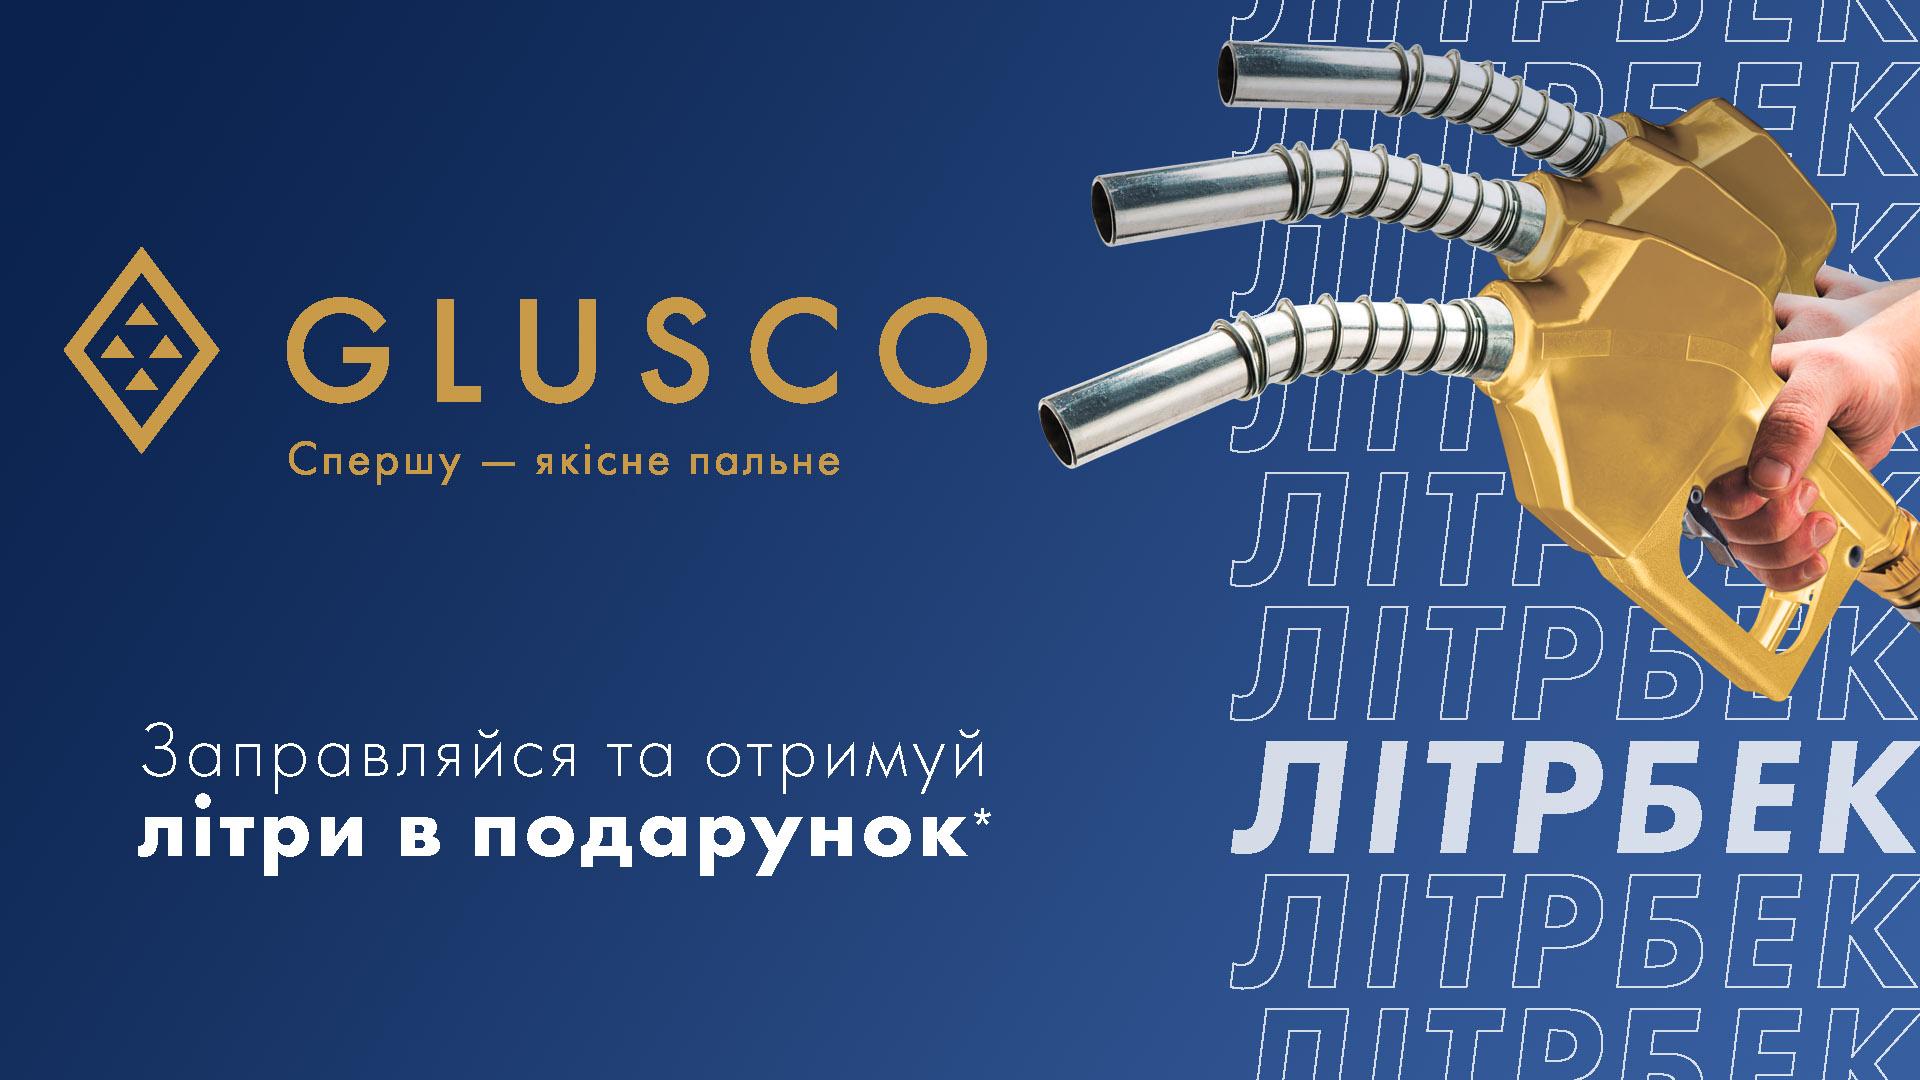 GLUSCO возвращает литры и деньги